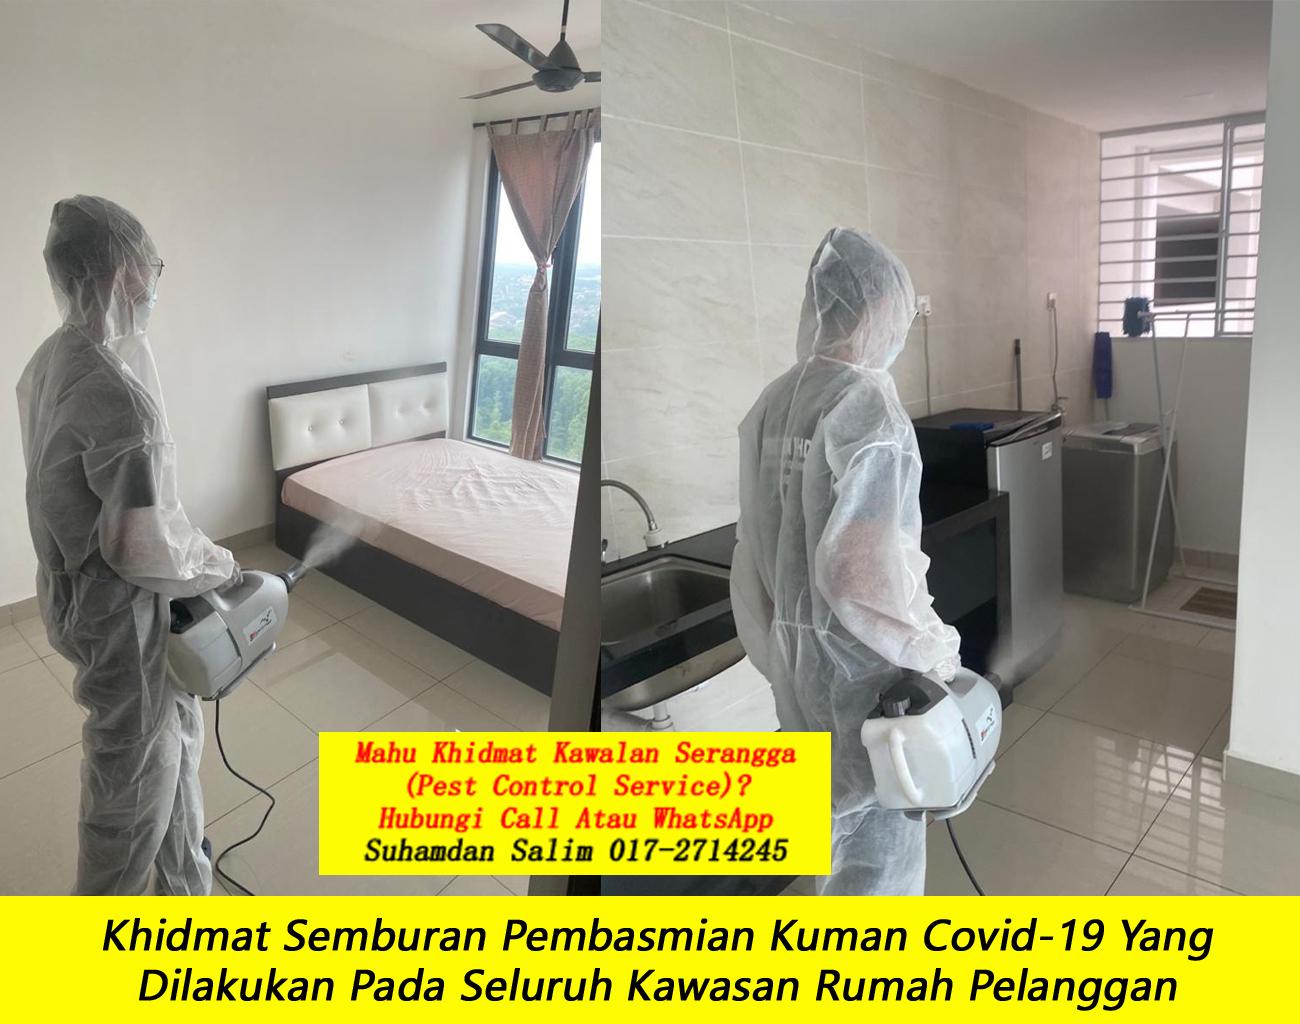 khidmat sanitizing membasmi kuman Covid-19 Disinfection Service semburan sanitize covid 19 paling berkesan dengan harga berpatutan the best service covid-19 Bukit Nanas kl